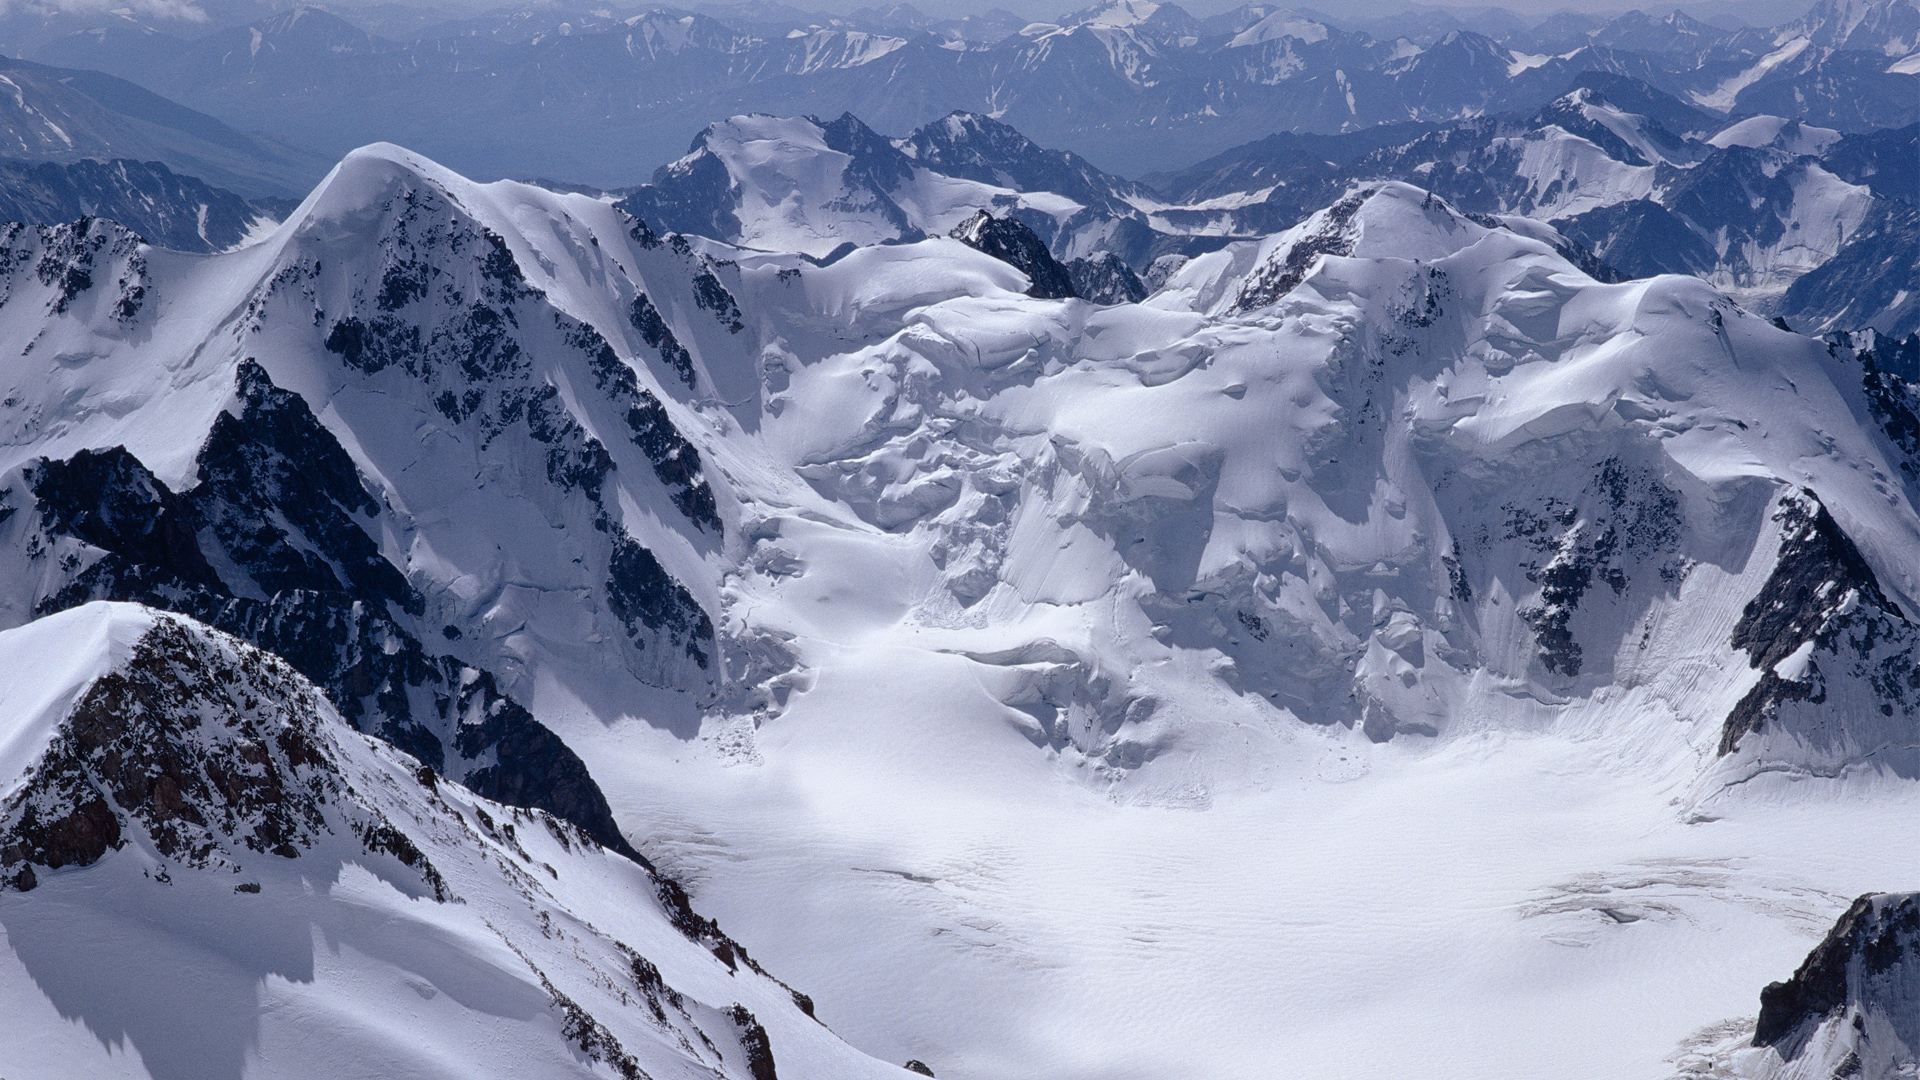 snow mountains background 17156